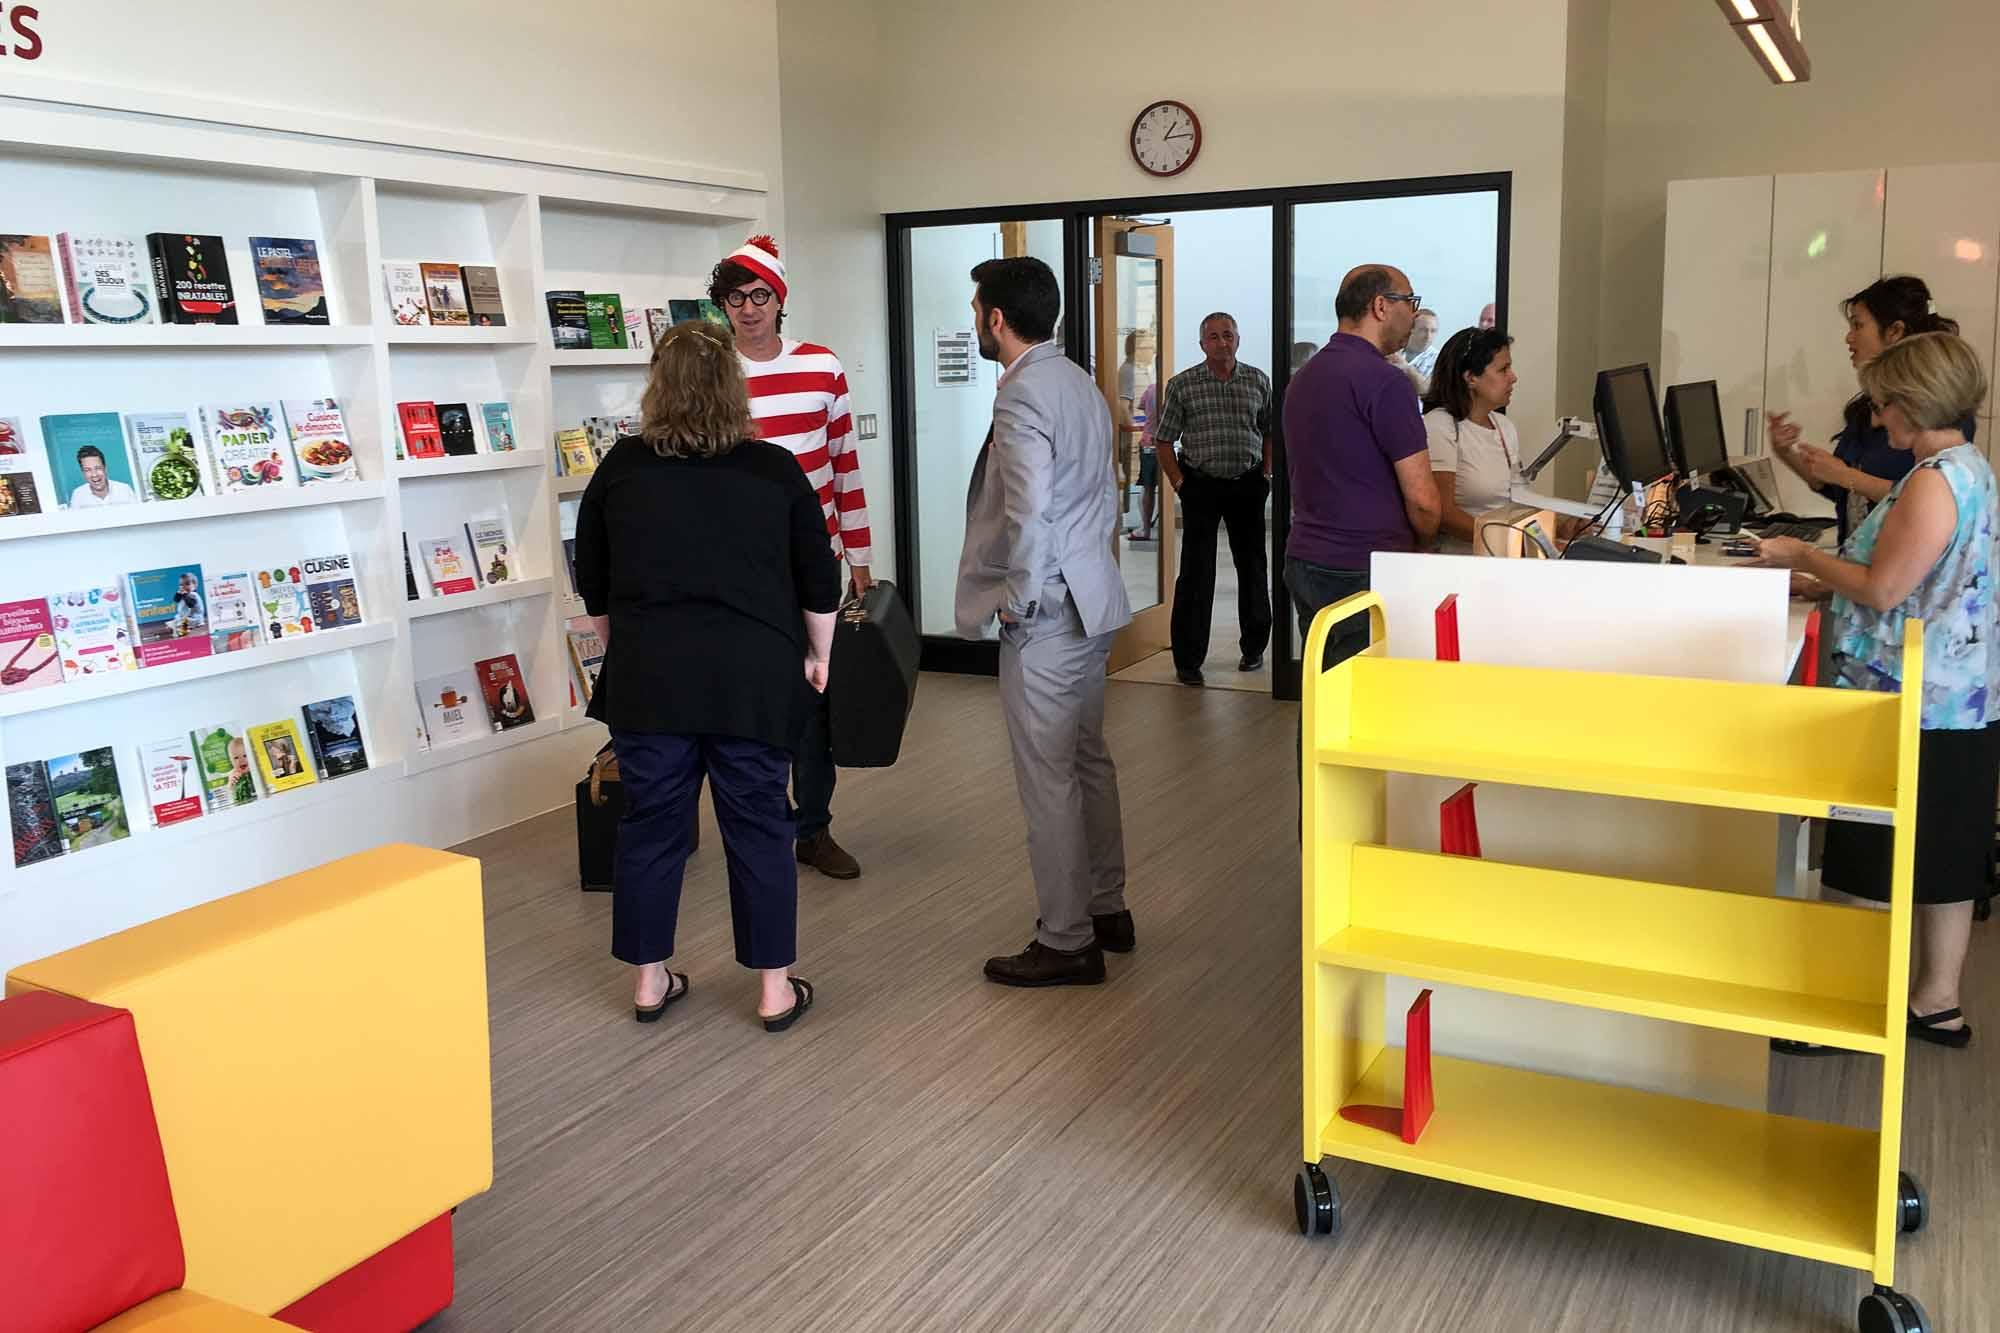 Les résidents du Domaine-Vert Nord ont dorénavant leur point de service de bibliothèque. Il est possible qu'un certain Charlie se trouve dans cette photo!